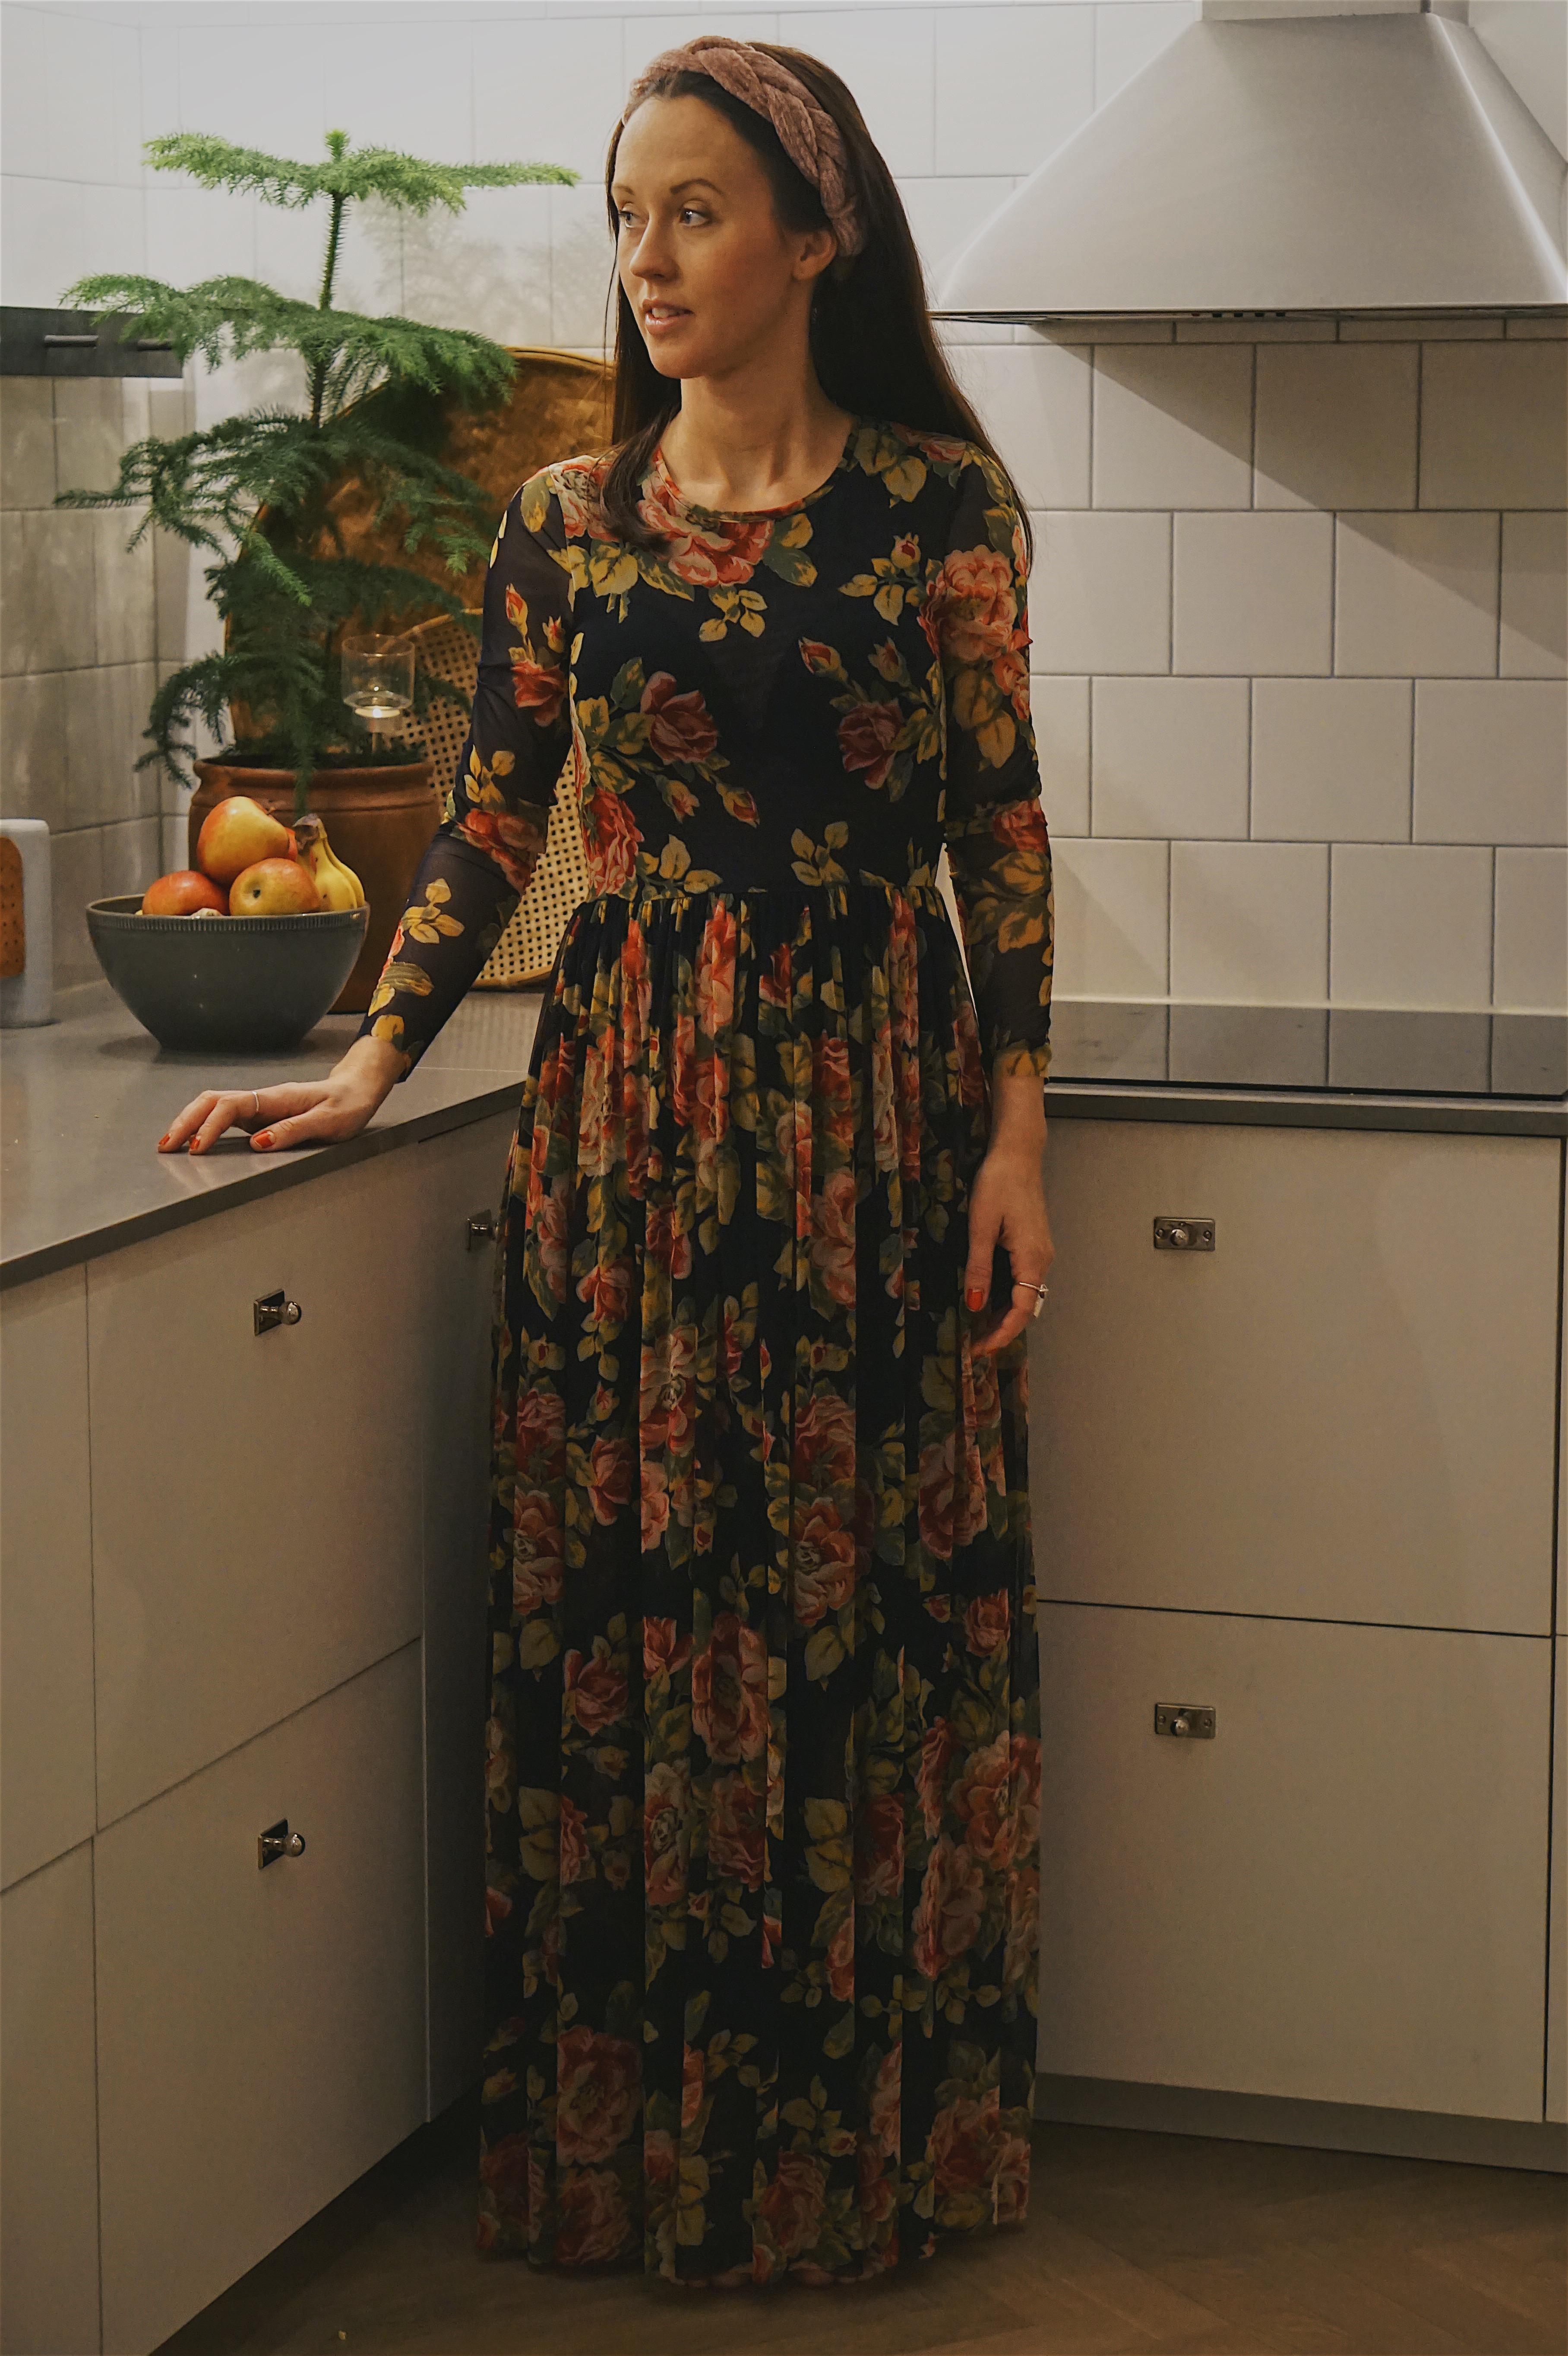 En sådan där klänning